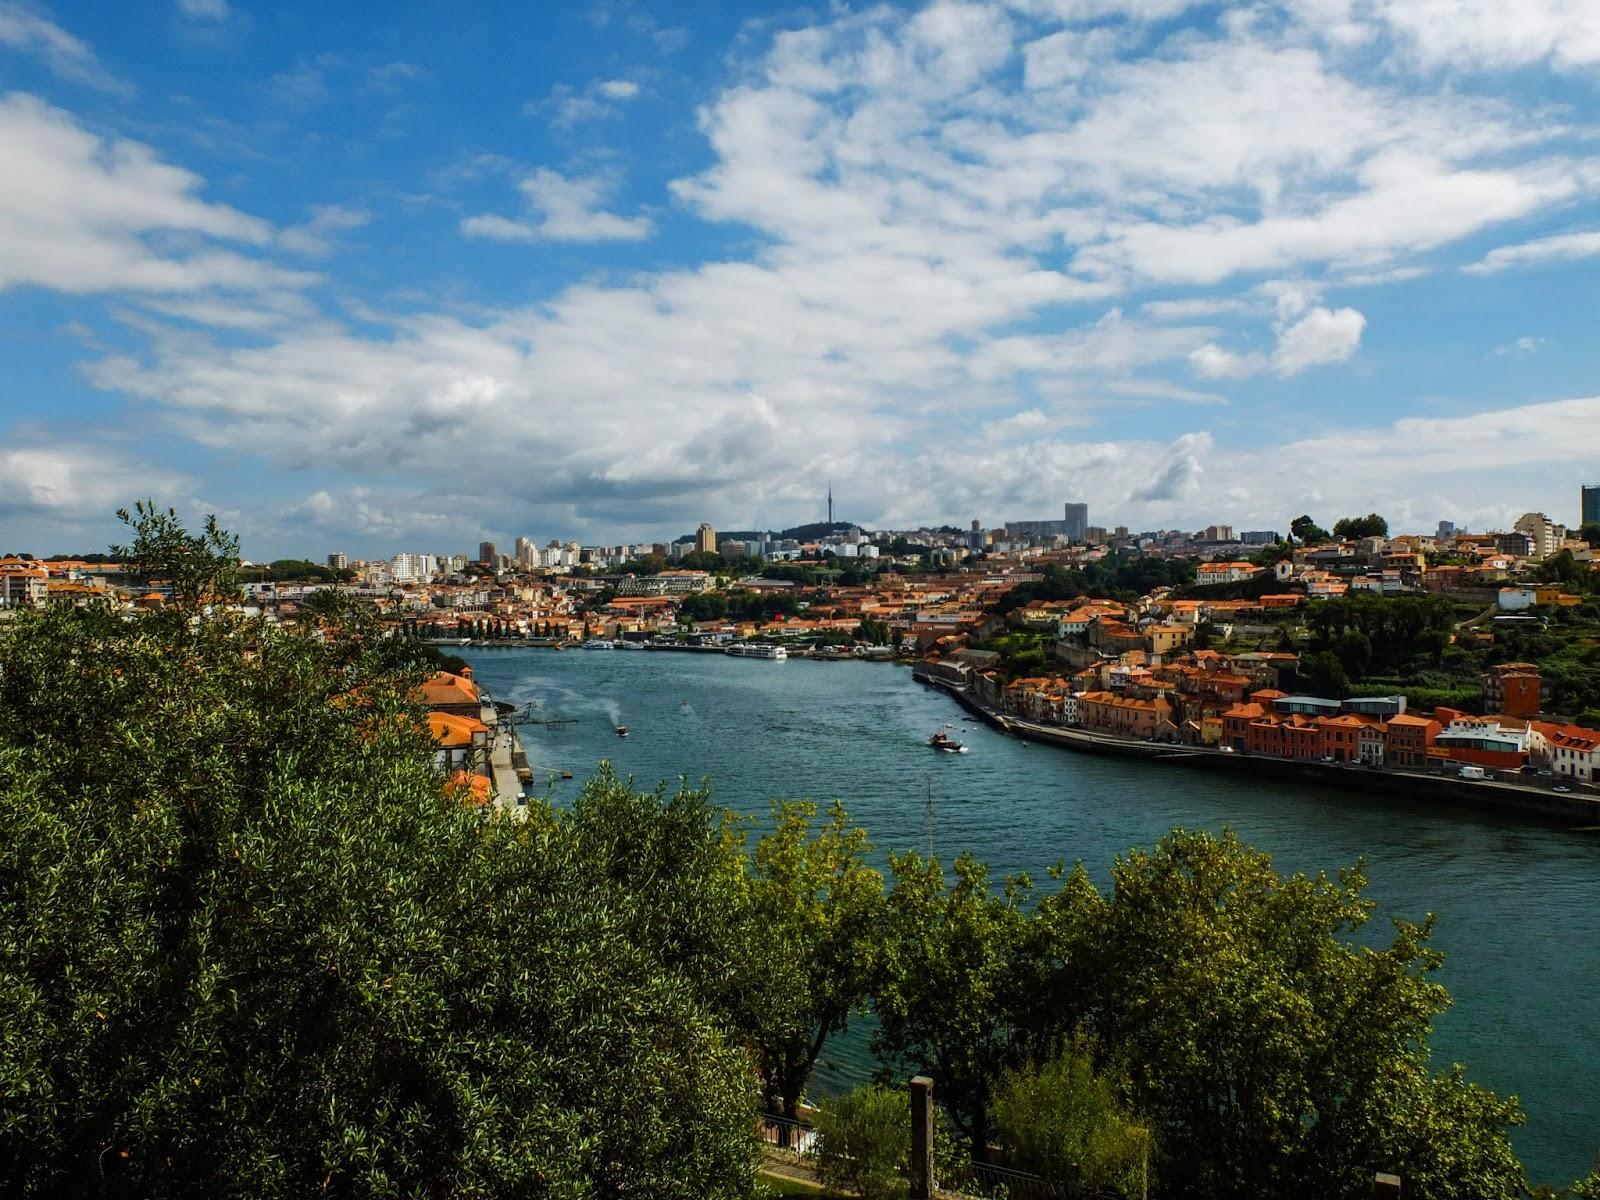 View of the Douro River from Palacio de Cristal Gardens in Porto, Portugal.